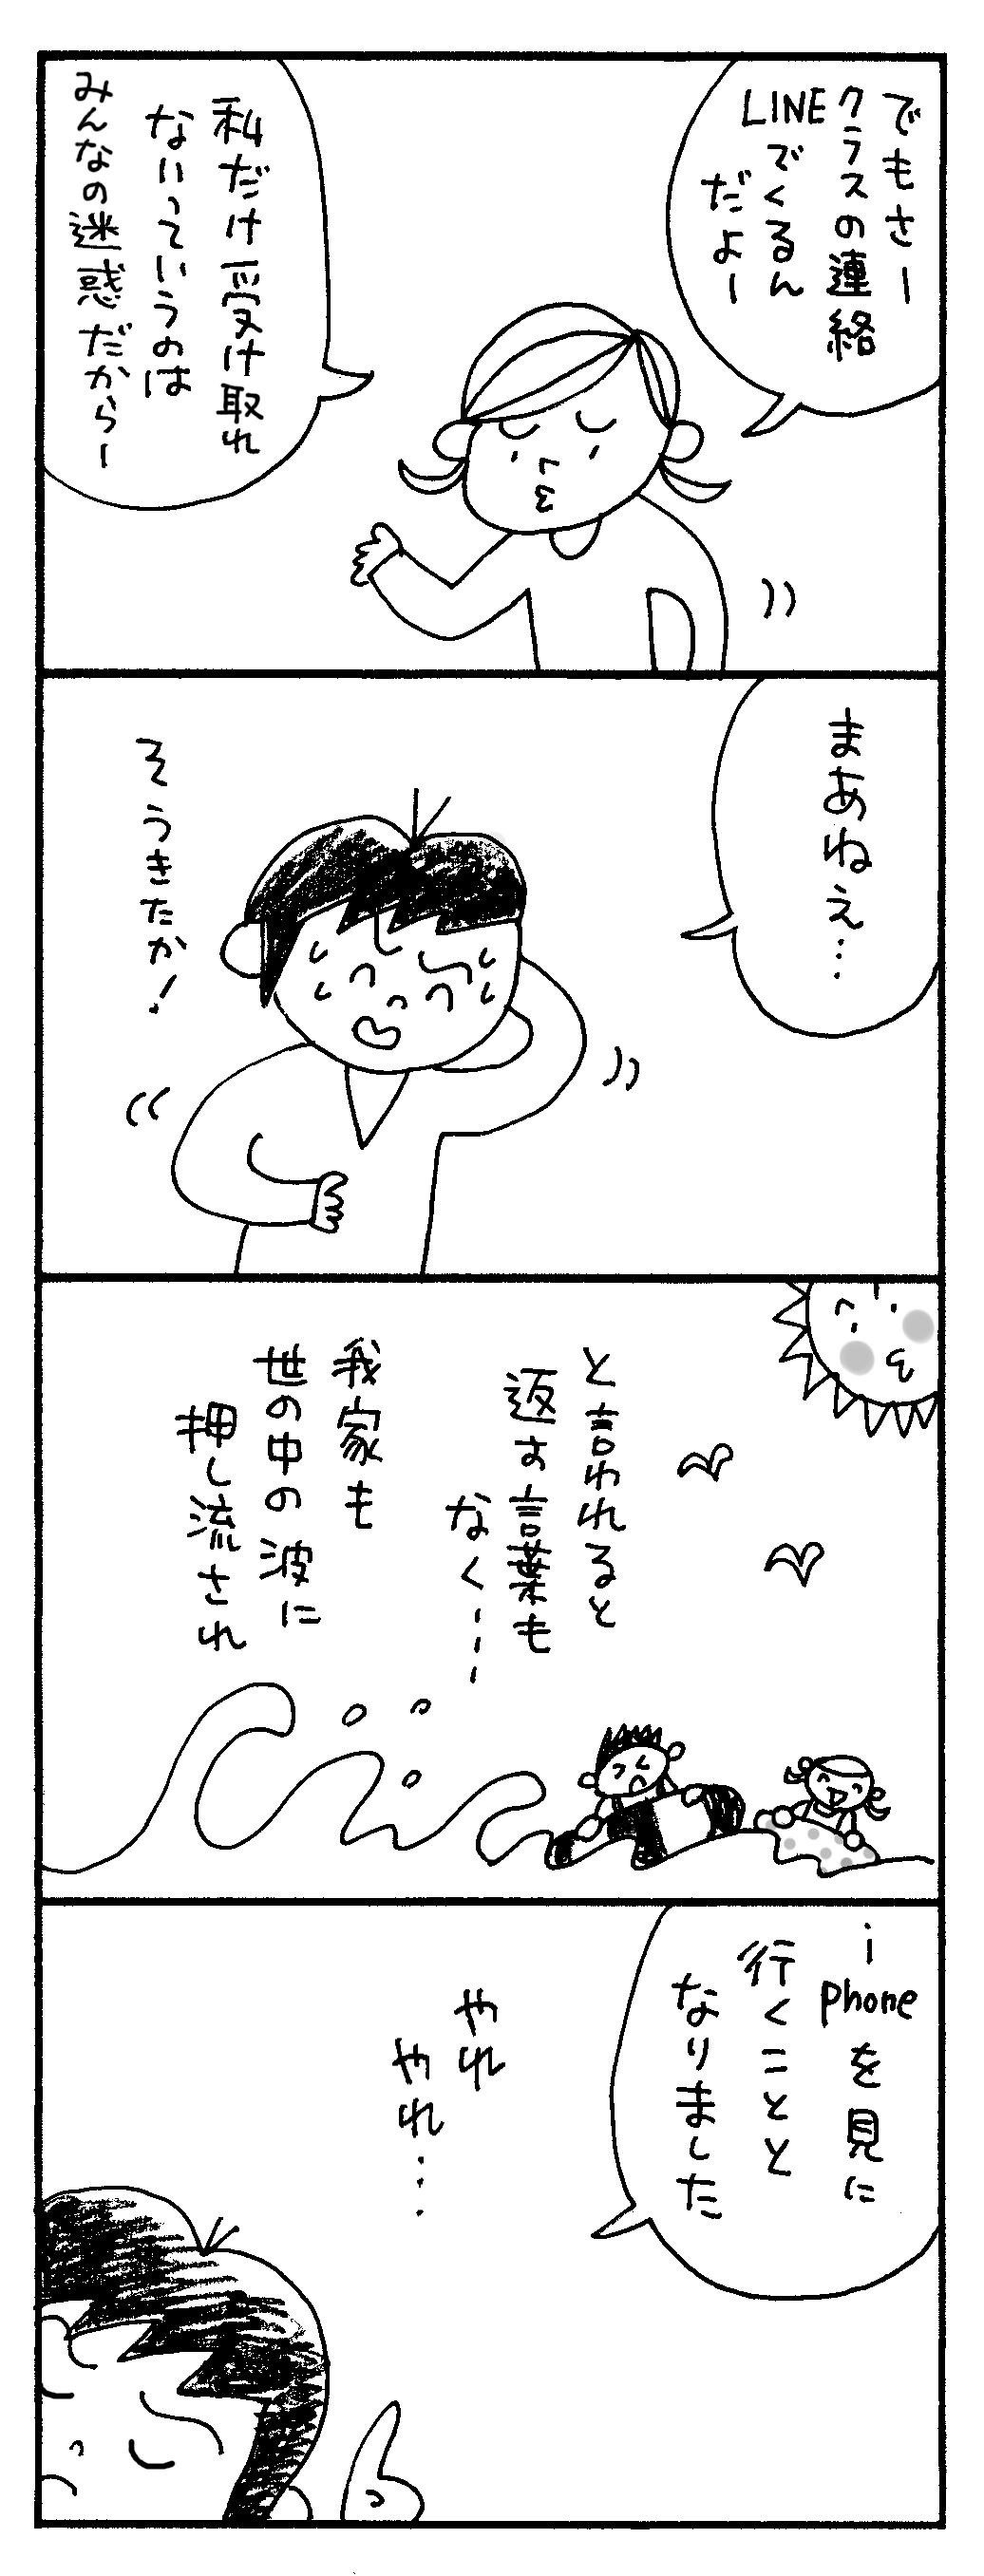 ケータイ4824